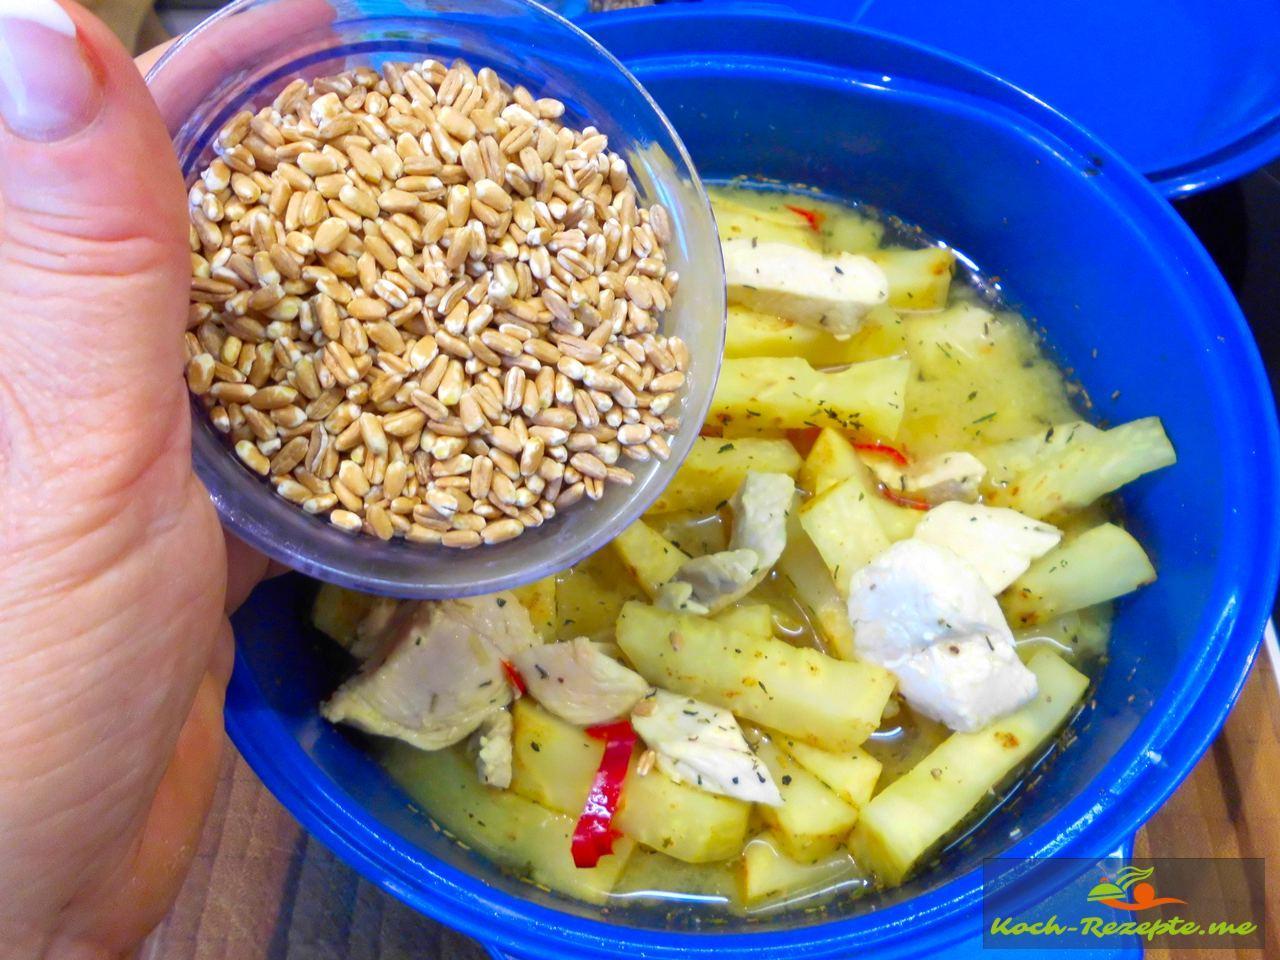 Dinkelkorn in das Gemüse mit Hähnchen geben